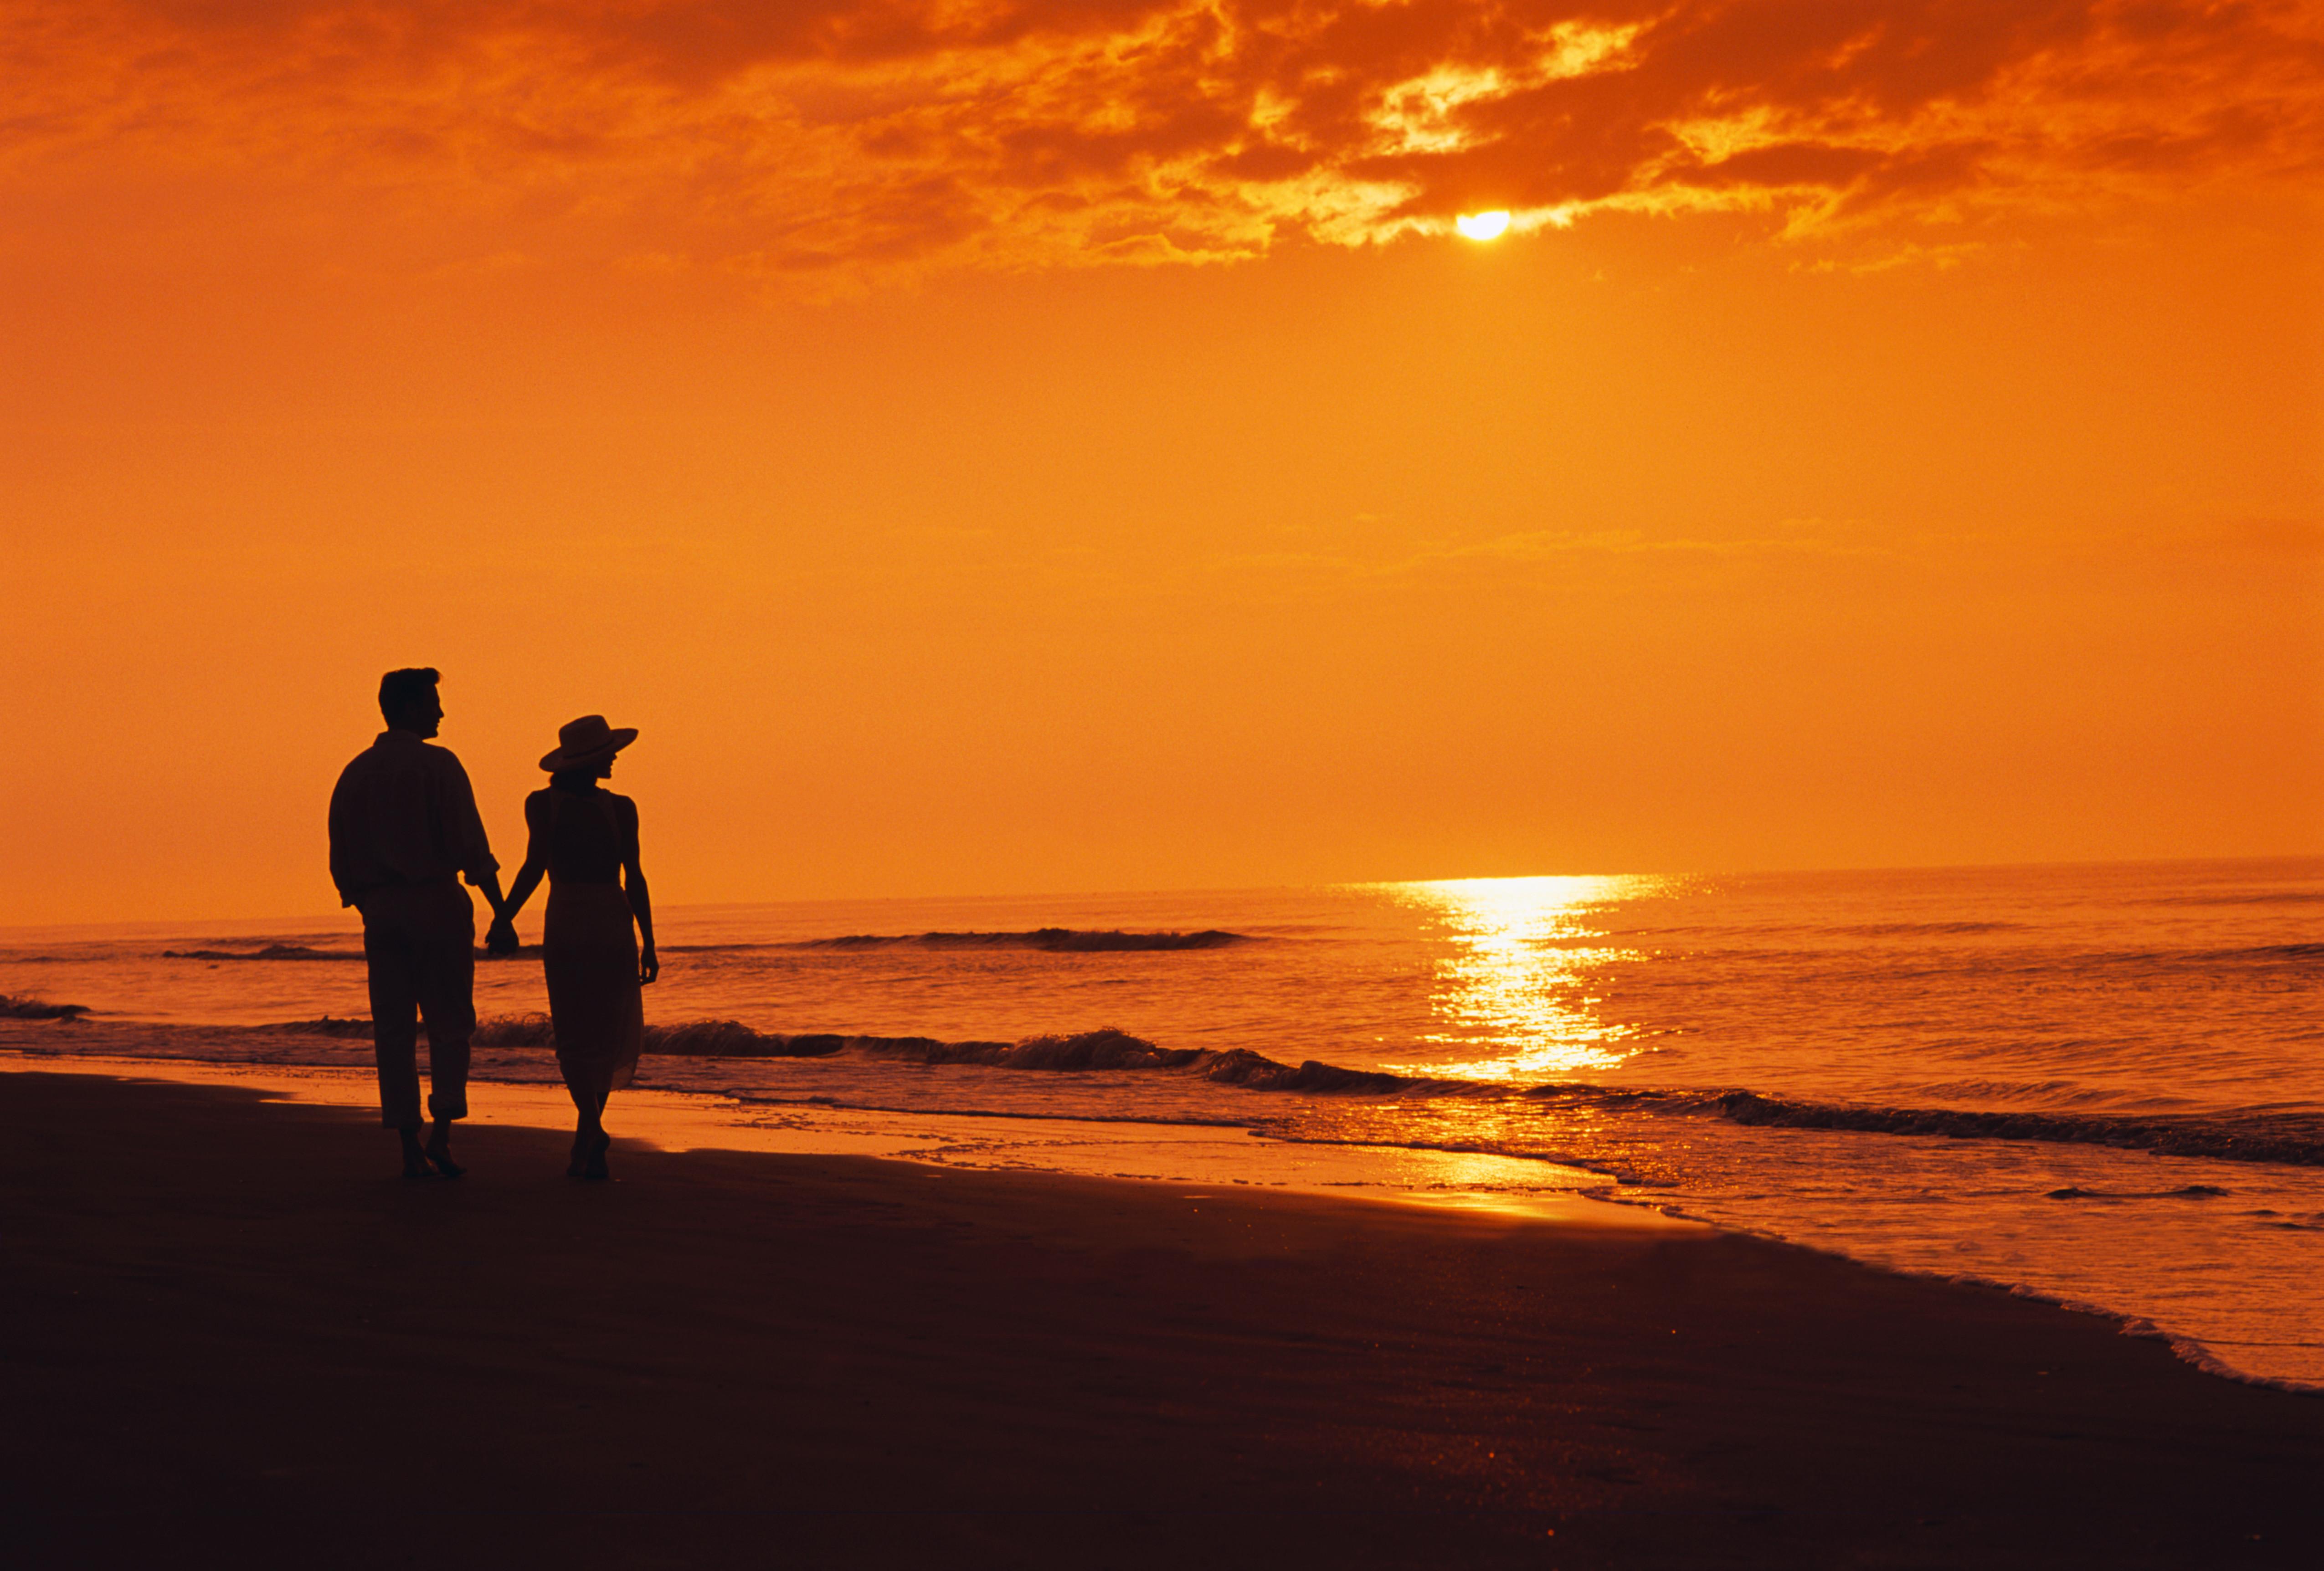 фото двоих на закате кирпича барбекю мечта